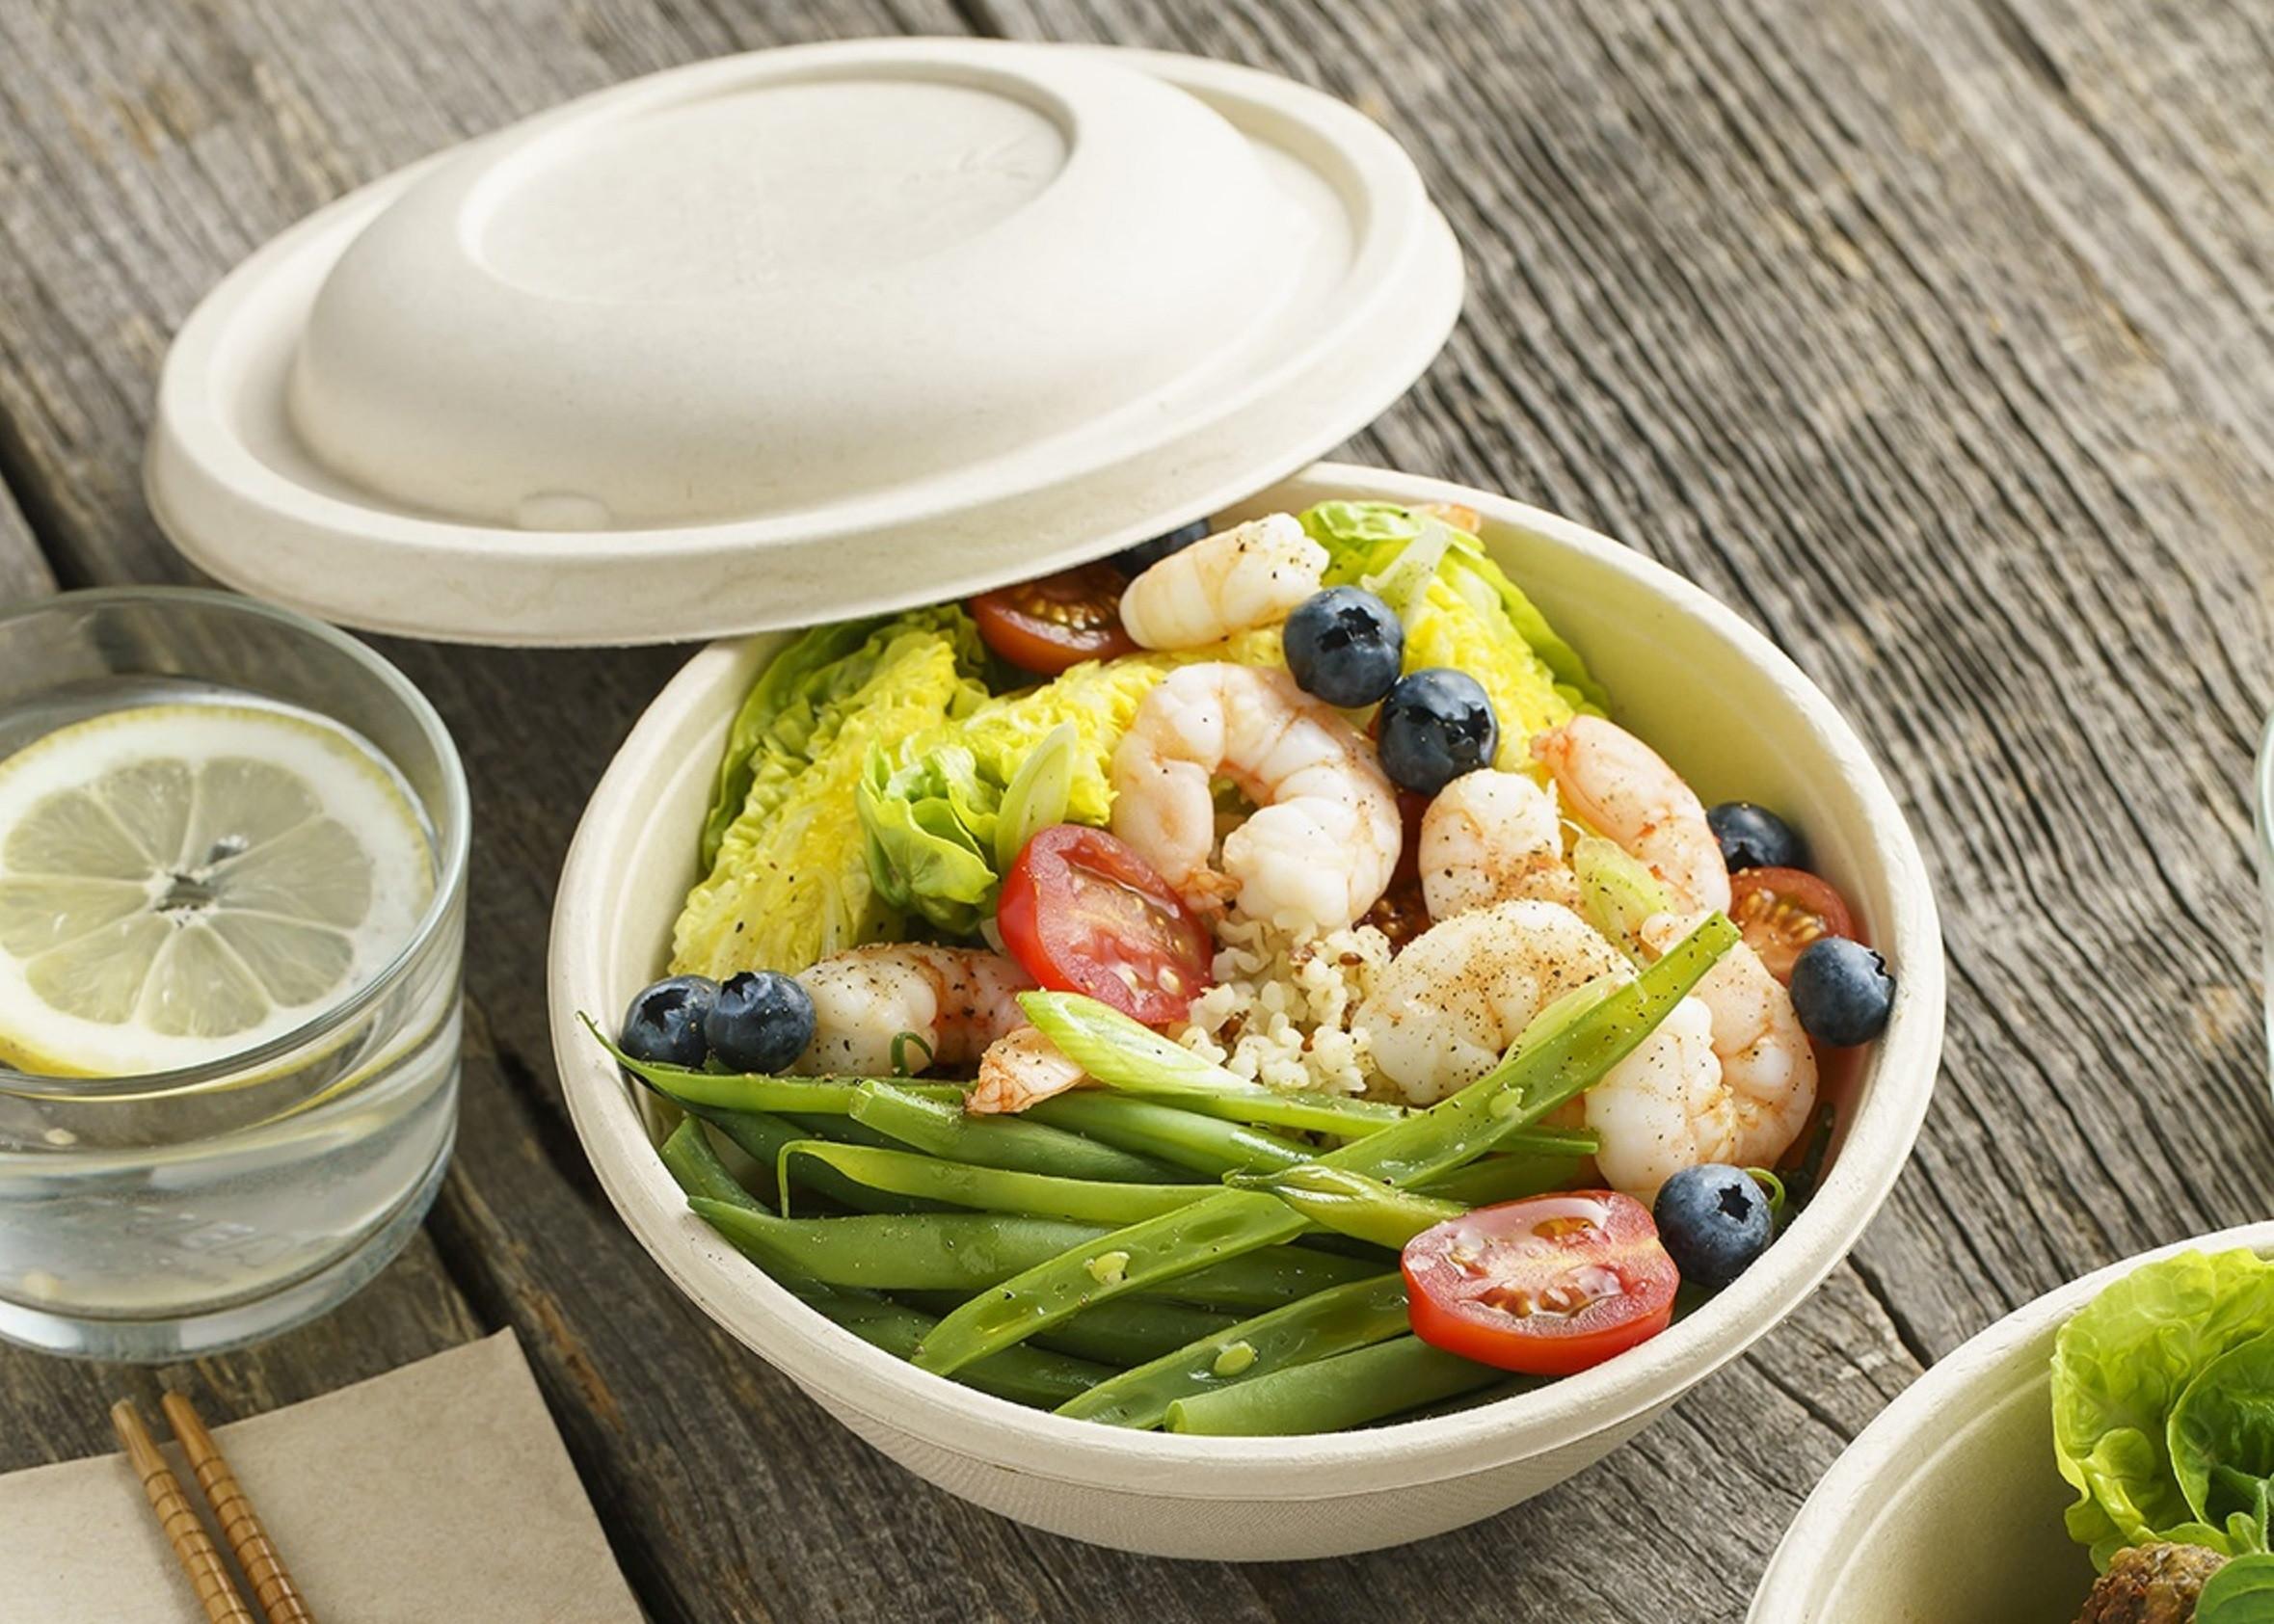 saladier compostable 750 ml